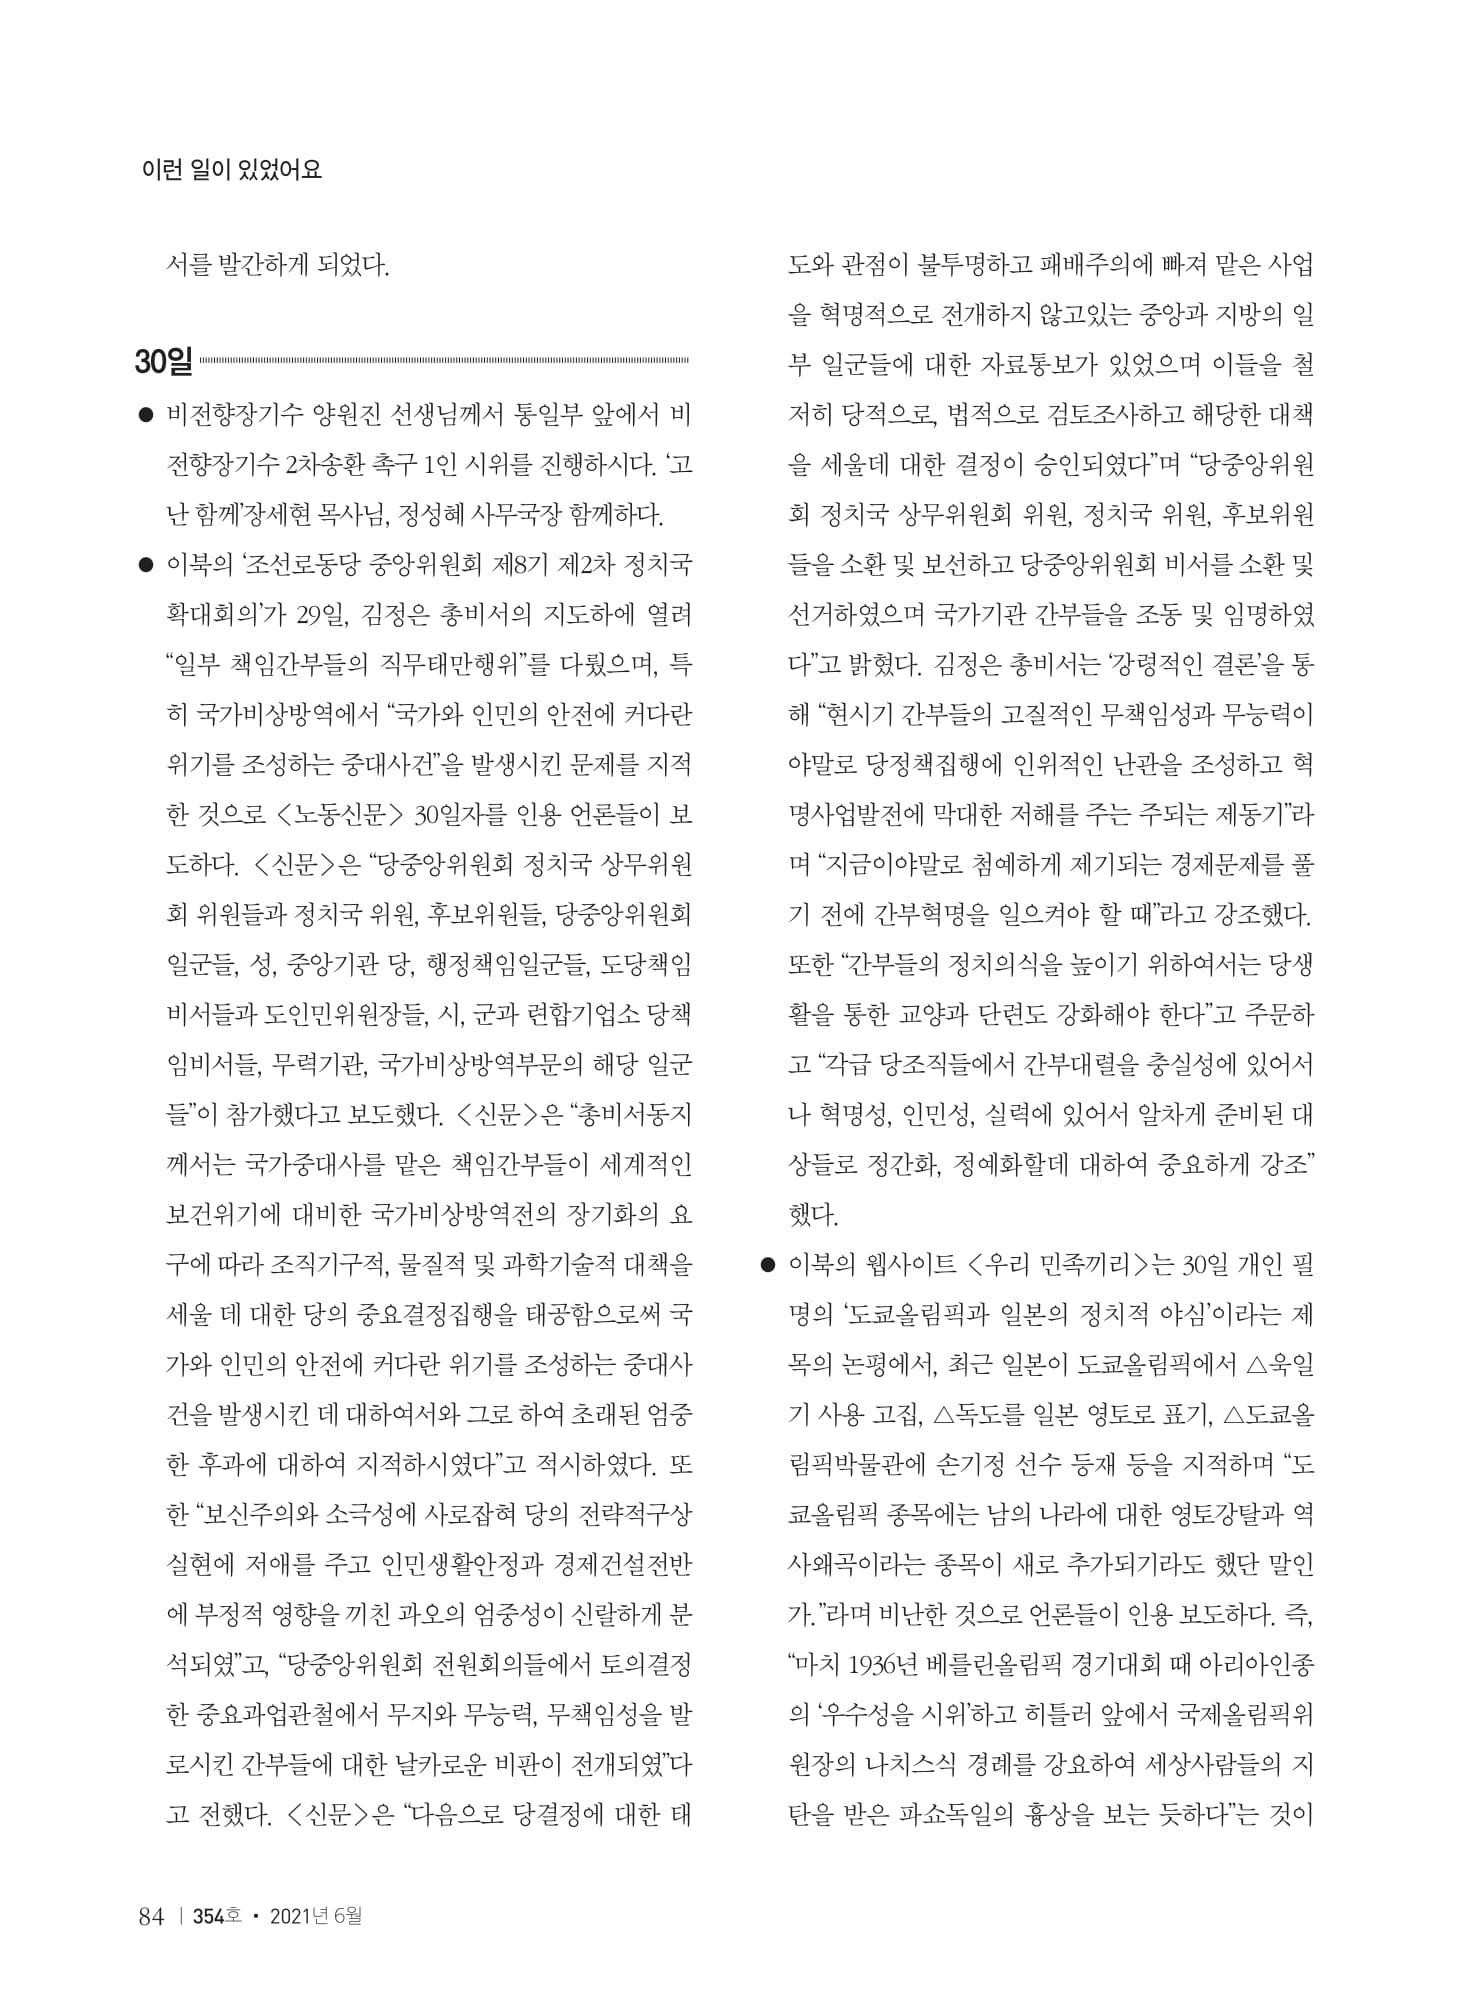 [양심수후원회] 소식지 354호 web 수정-86.jpg